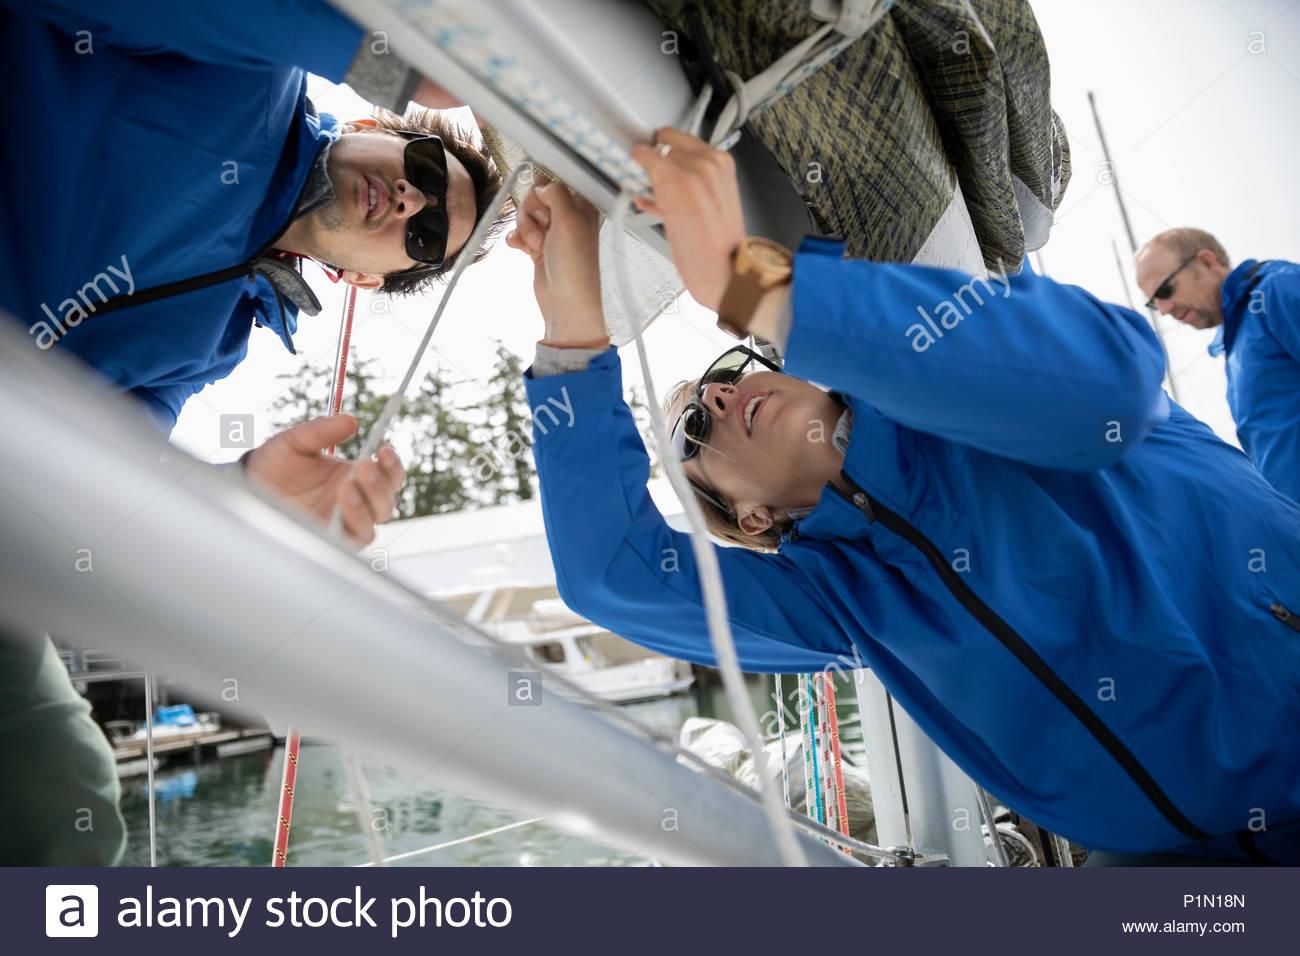 Sailing Team preparazione di vela su barca a vela Immagini Stock